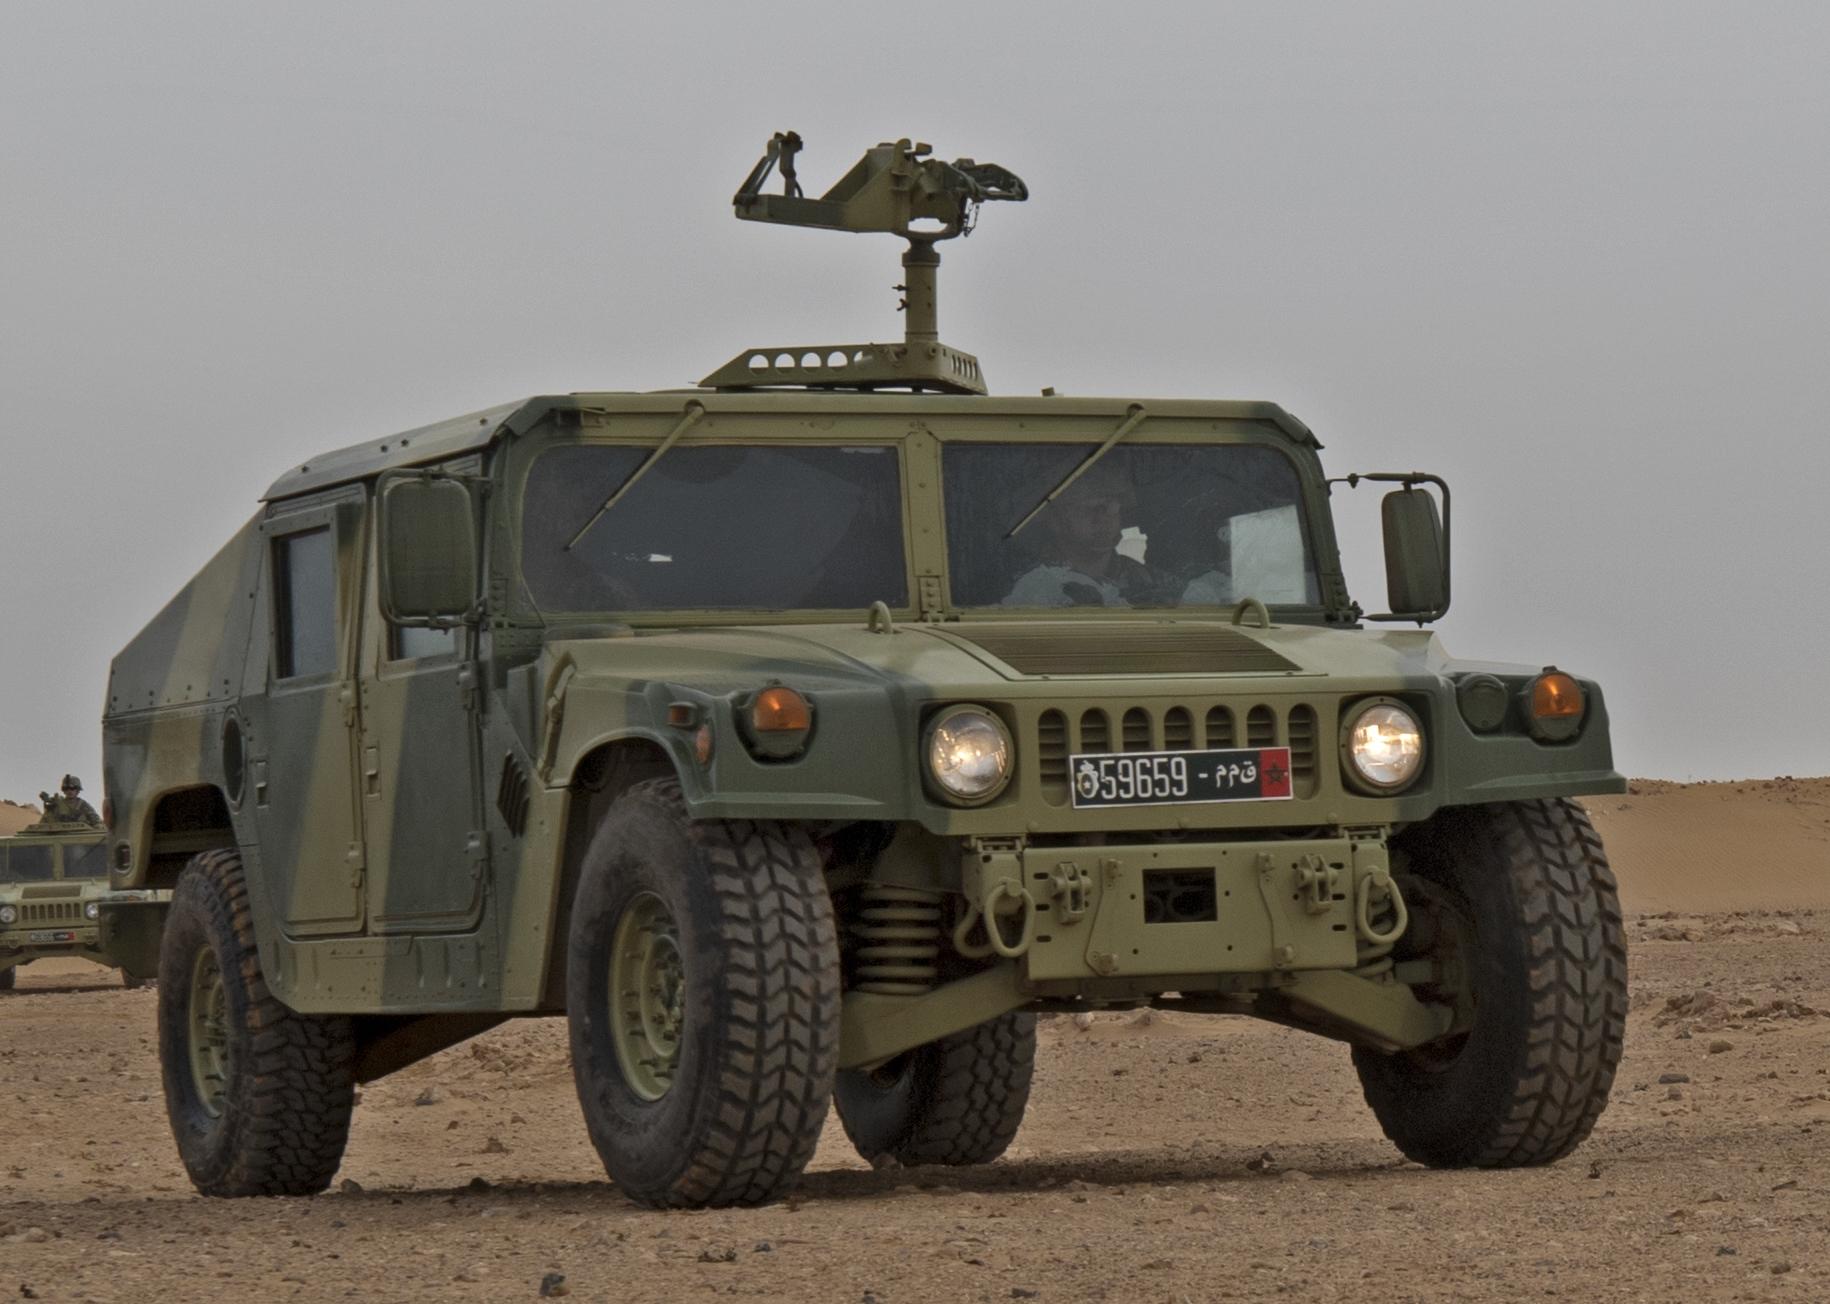 HMMWV et HMMWV Marine Armor Kit (MAK)  - Page 5 49249787578_ec9b253418_o